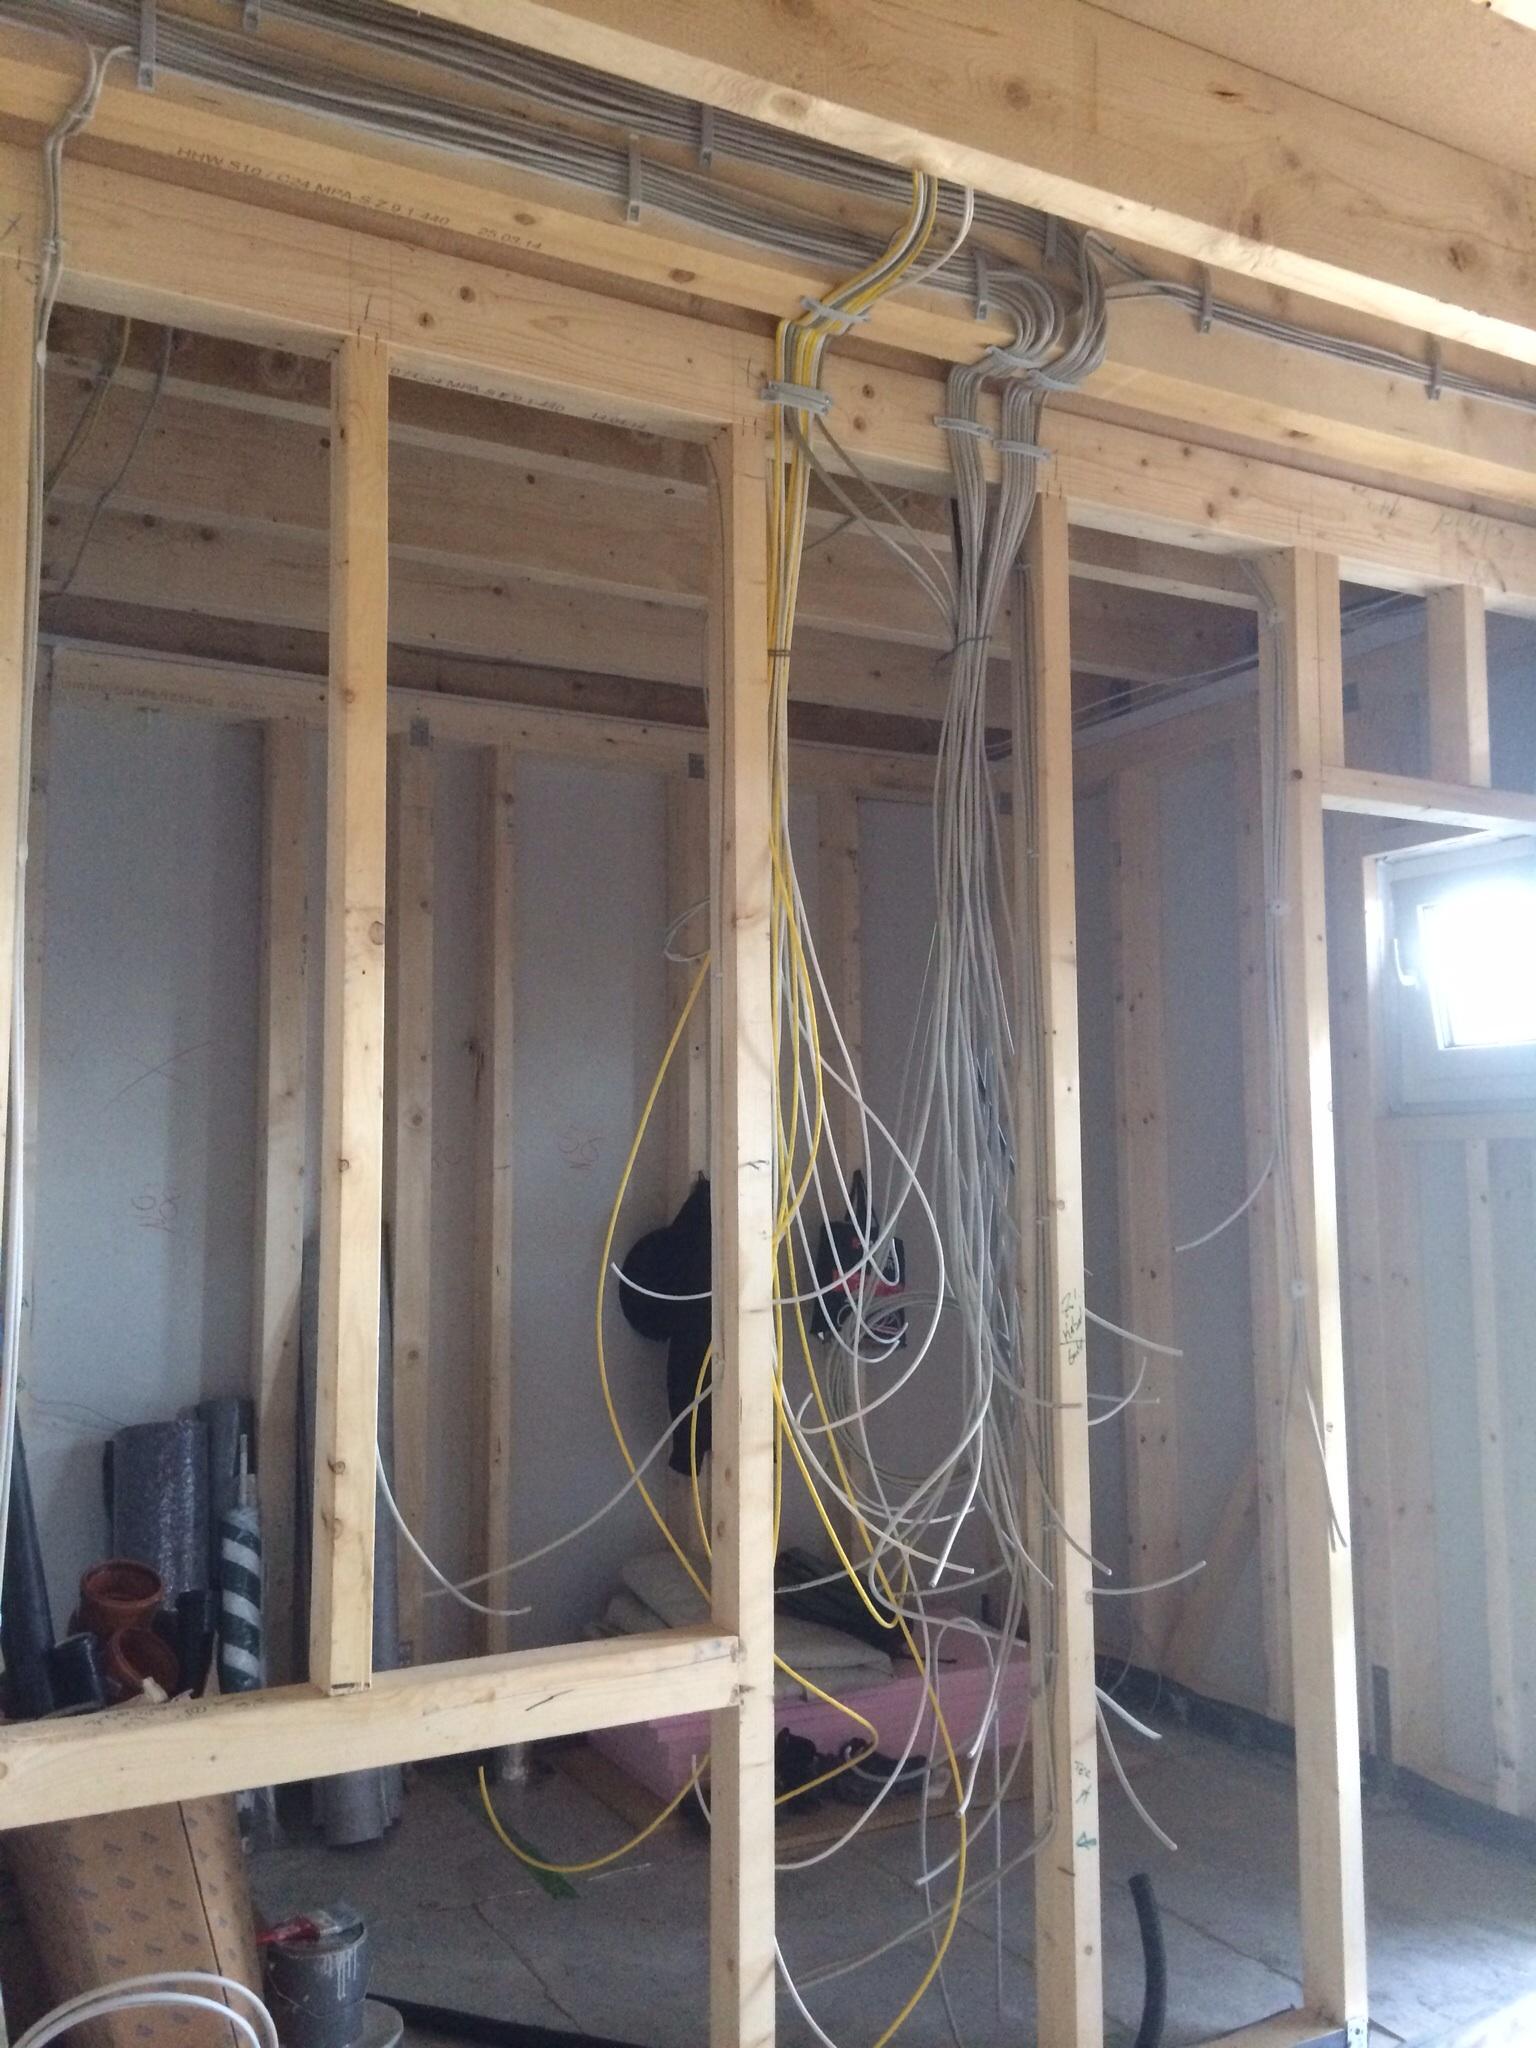 ber hmt haus elektroinstallation zeitgen ssisch der. Black Bedroom Furniture Sets. Home Design Ideas